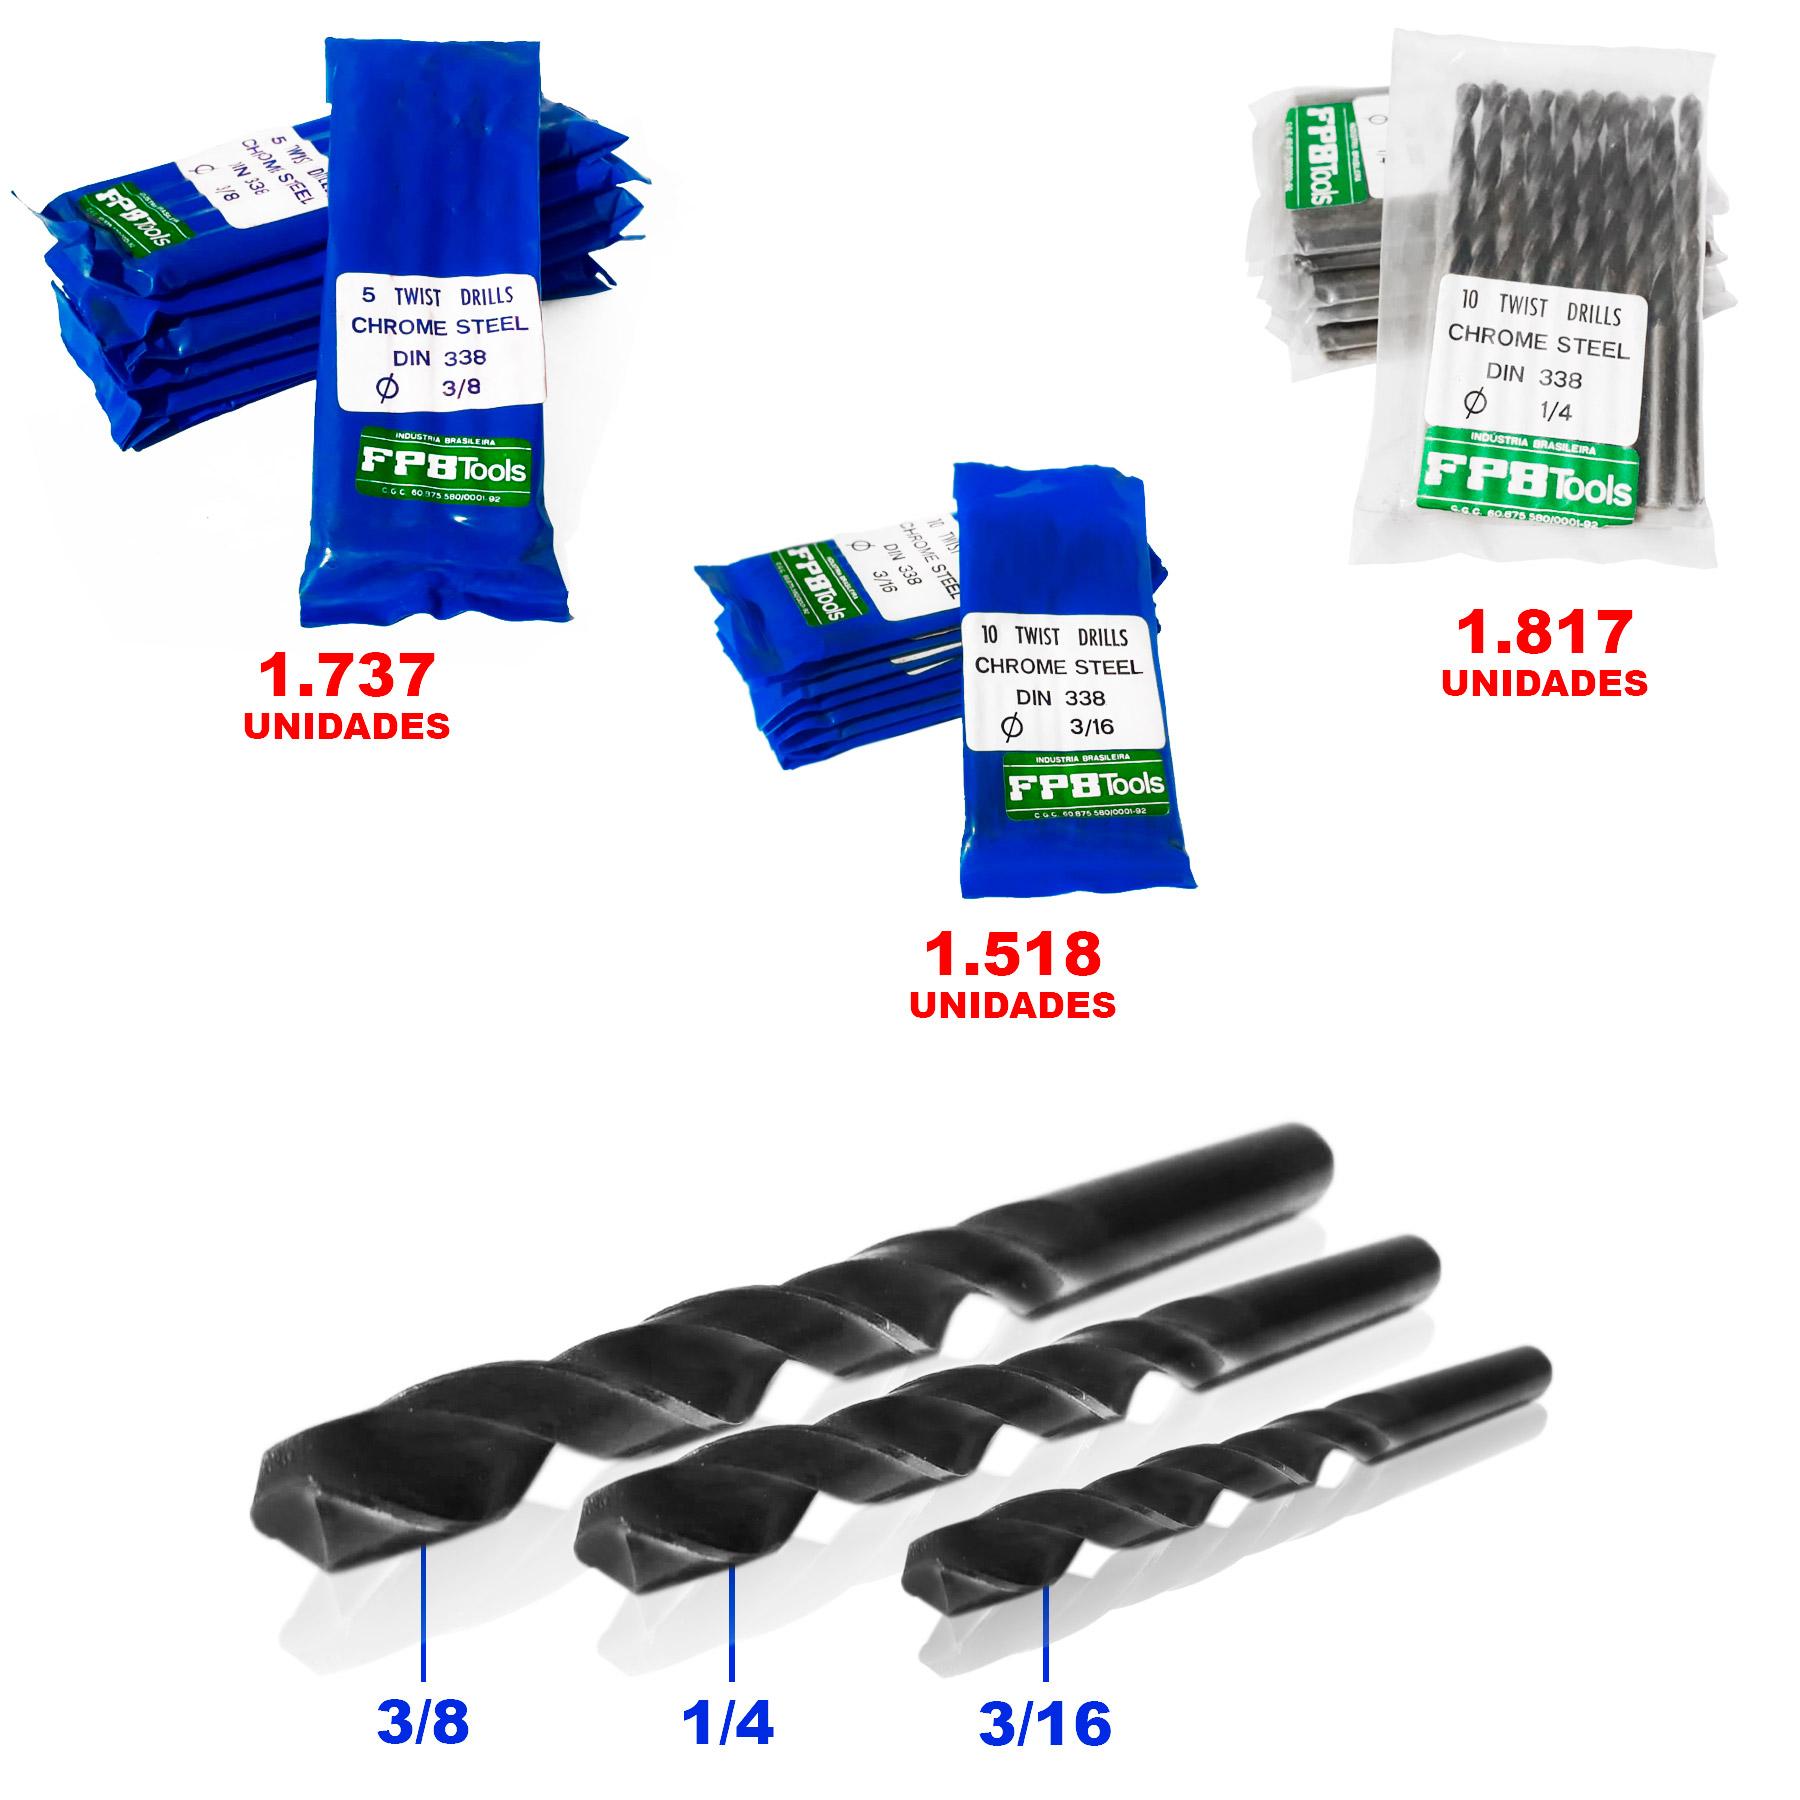 LOTE de Brocas FPB TOOLS Aço Cromo Carbono DIN 338 Nacional 3/8 1/4 e 3/16 Especial para Madeira